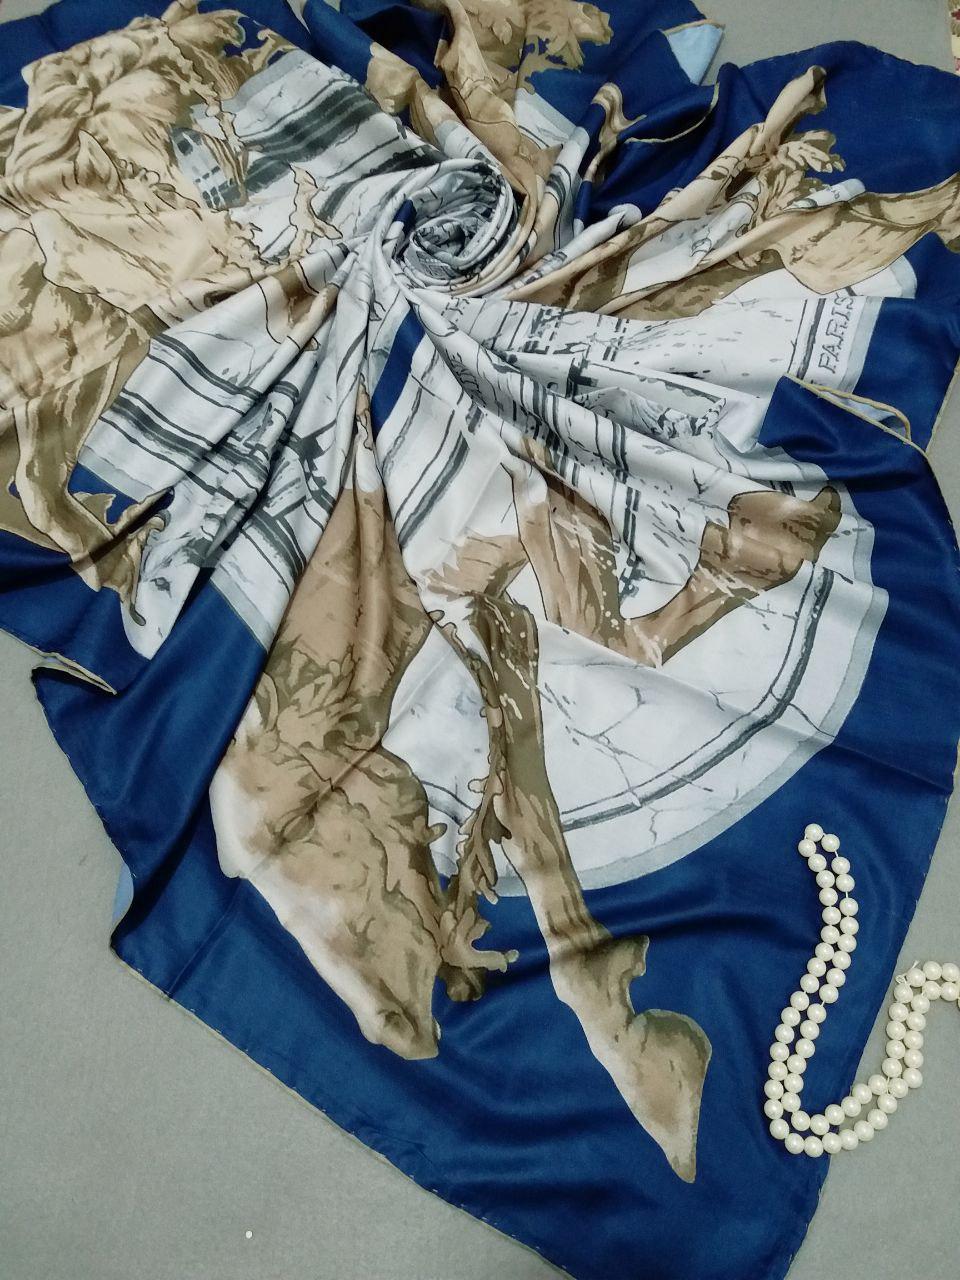 روسری ابریشم توییل کج راه دست دوزsr-n257 از نمای نزدیک